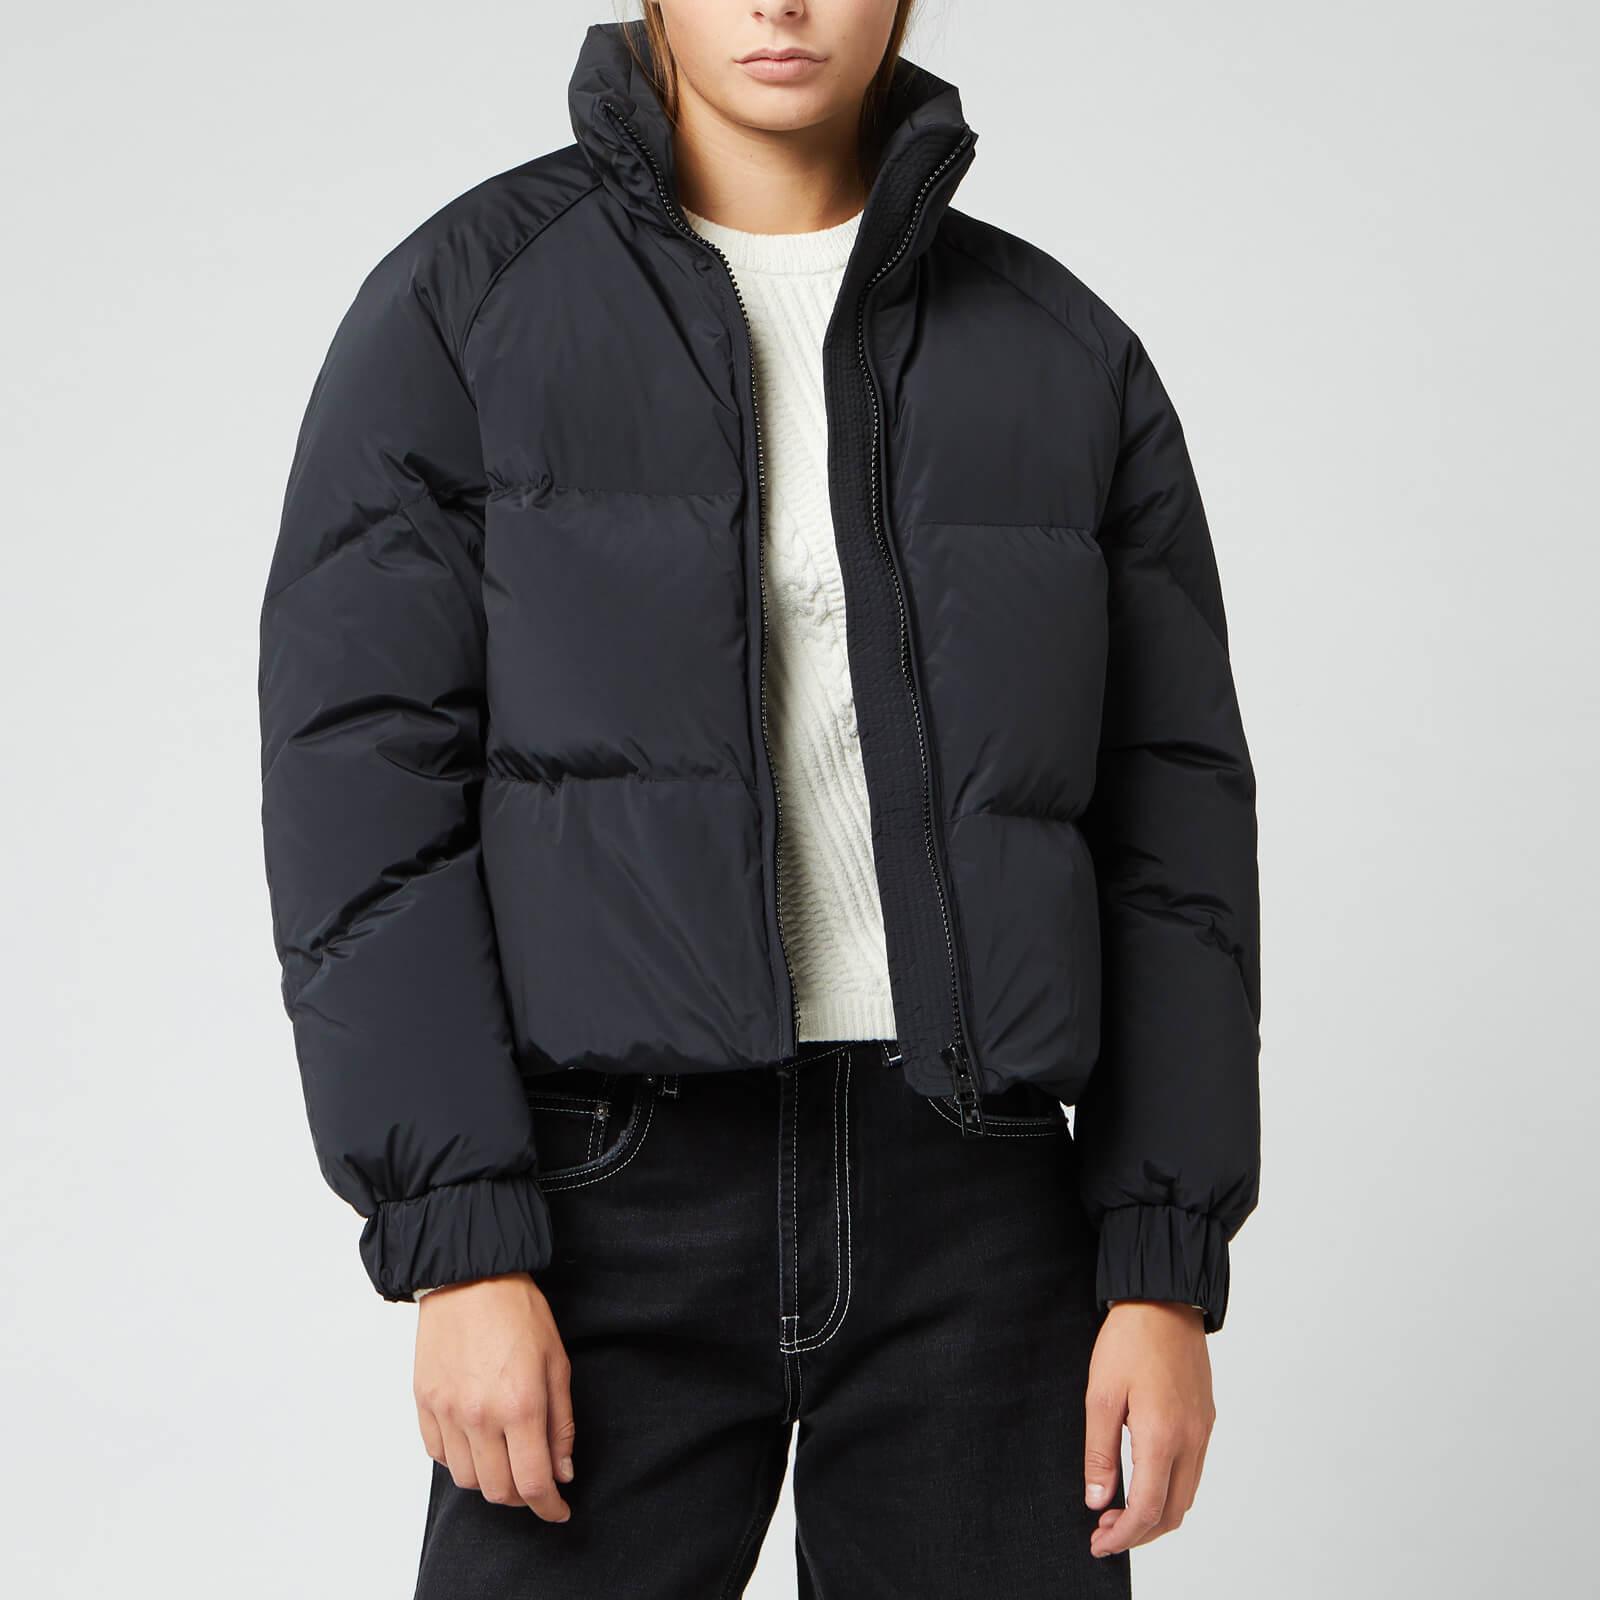 Woolrich Women's Aurora Puffy Jacket - Black - M